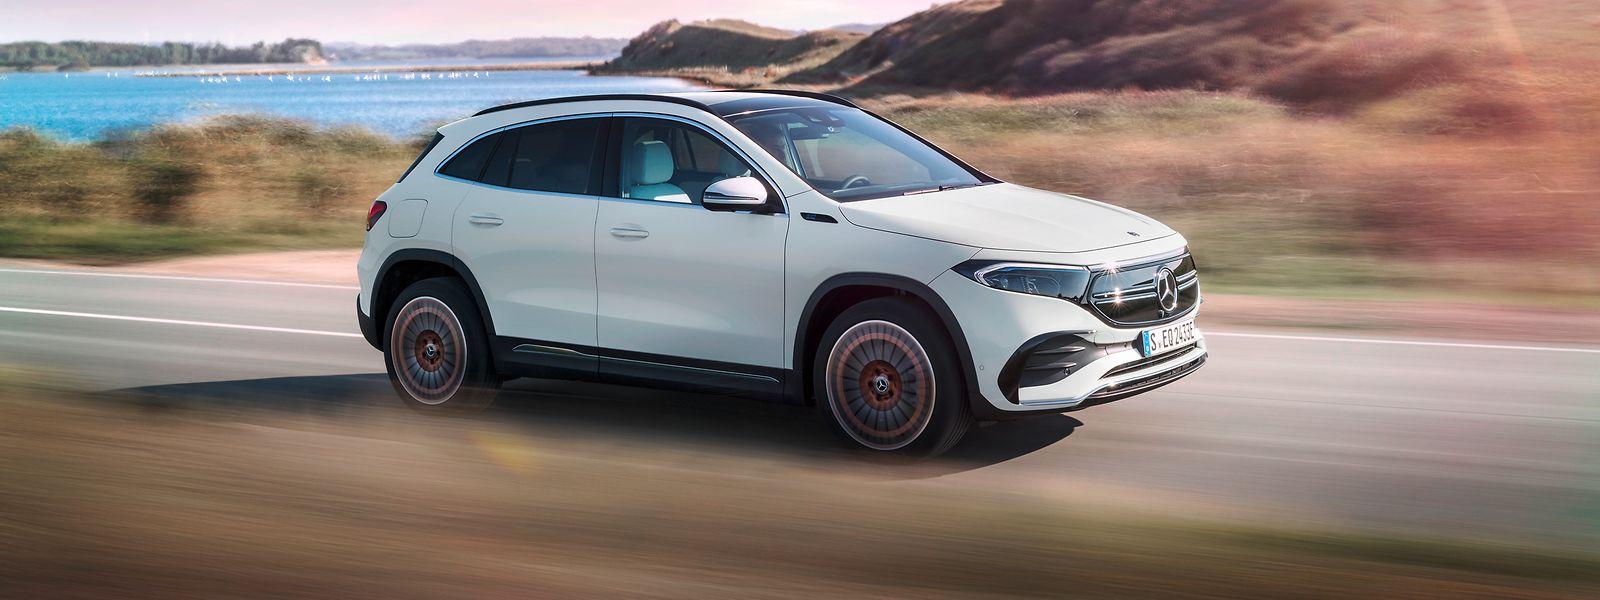 Als enger Verwandter des GLA bringt der Mercedes-Benz EQA dessen Eigenschaften mit und kombiniert sie mit einem effizienten Elektroantrieb.